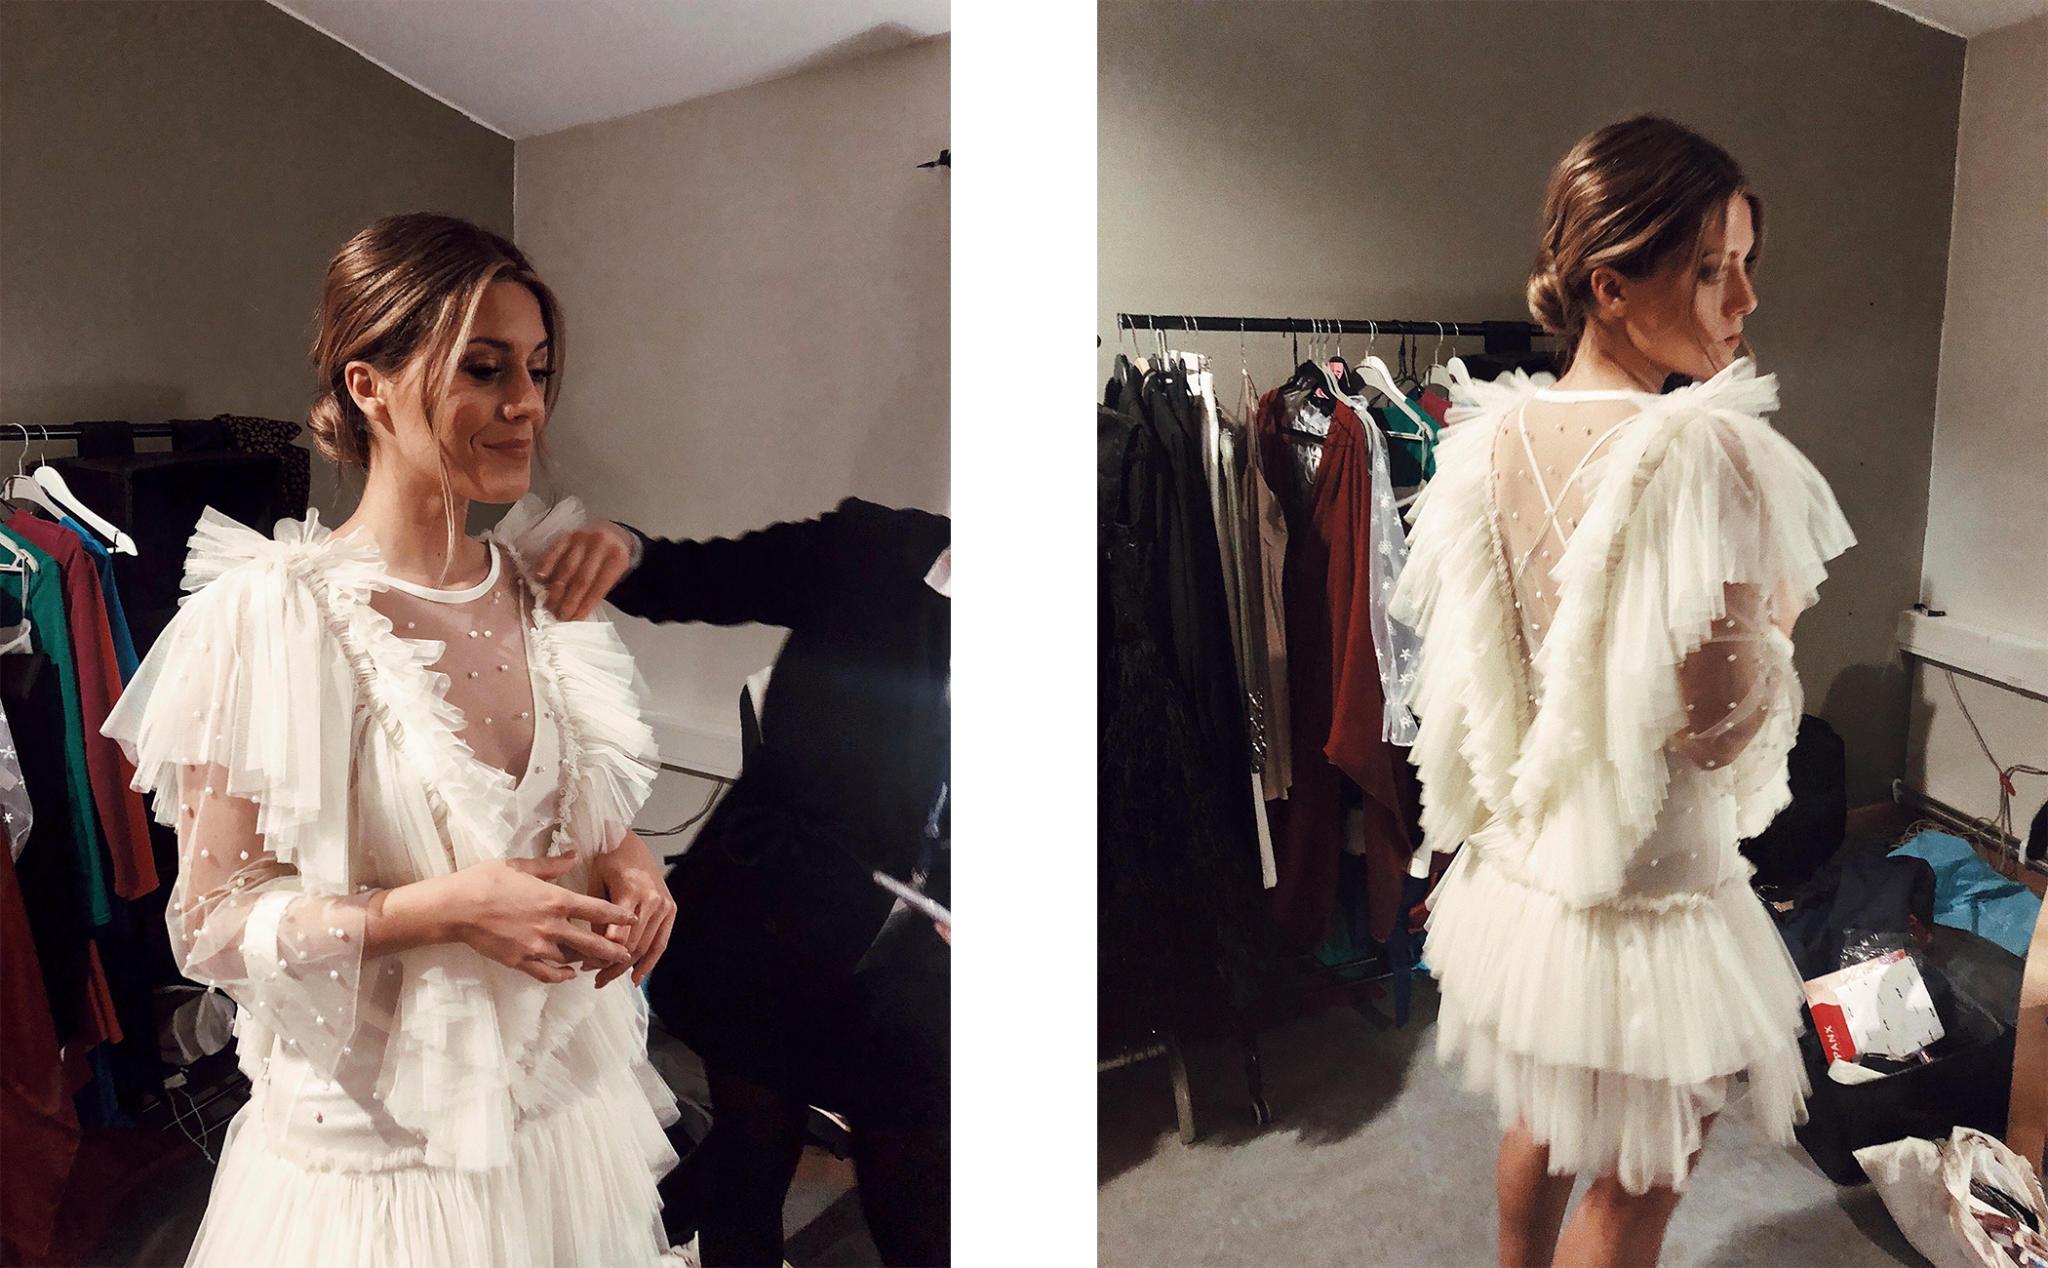 bianca ingrosso vit klänning talang